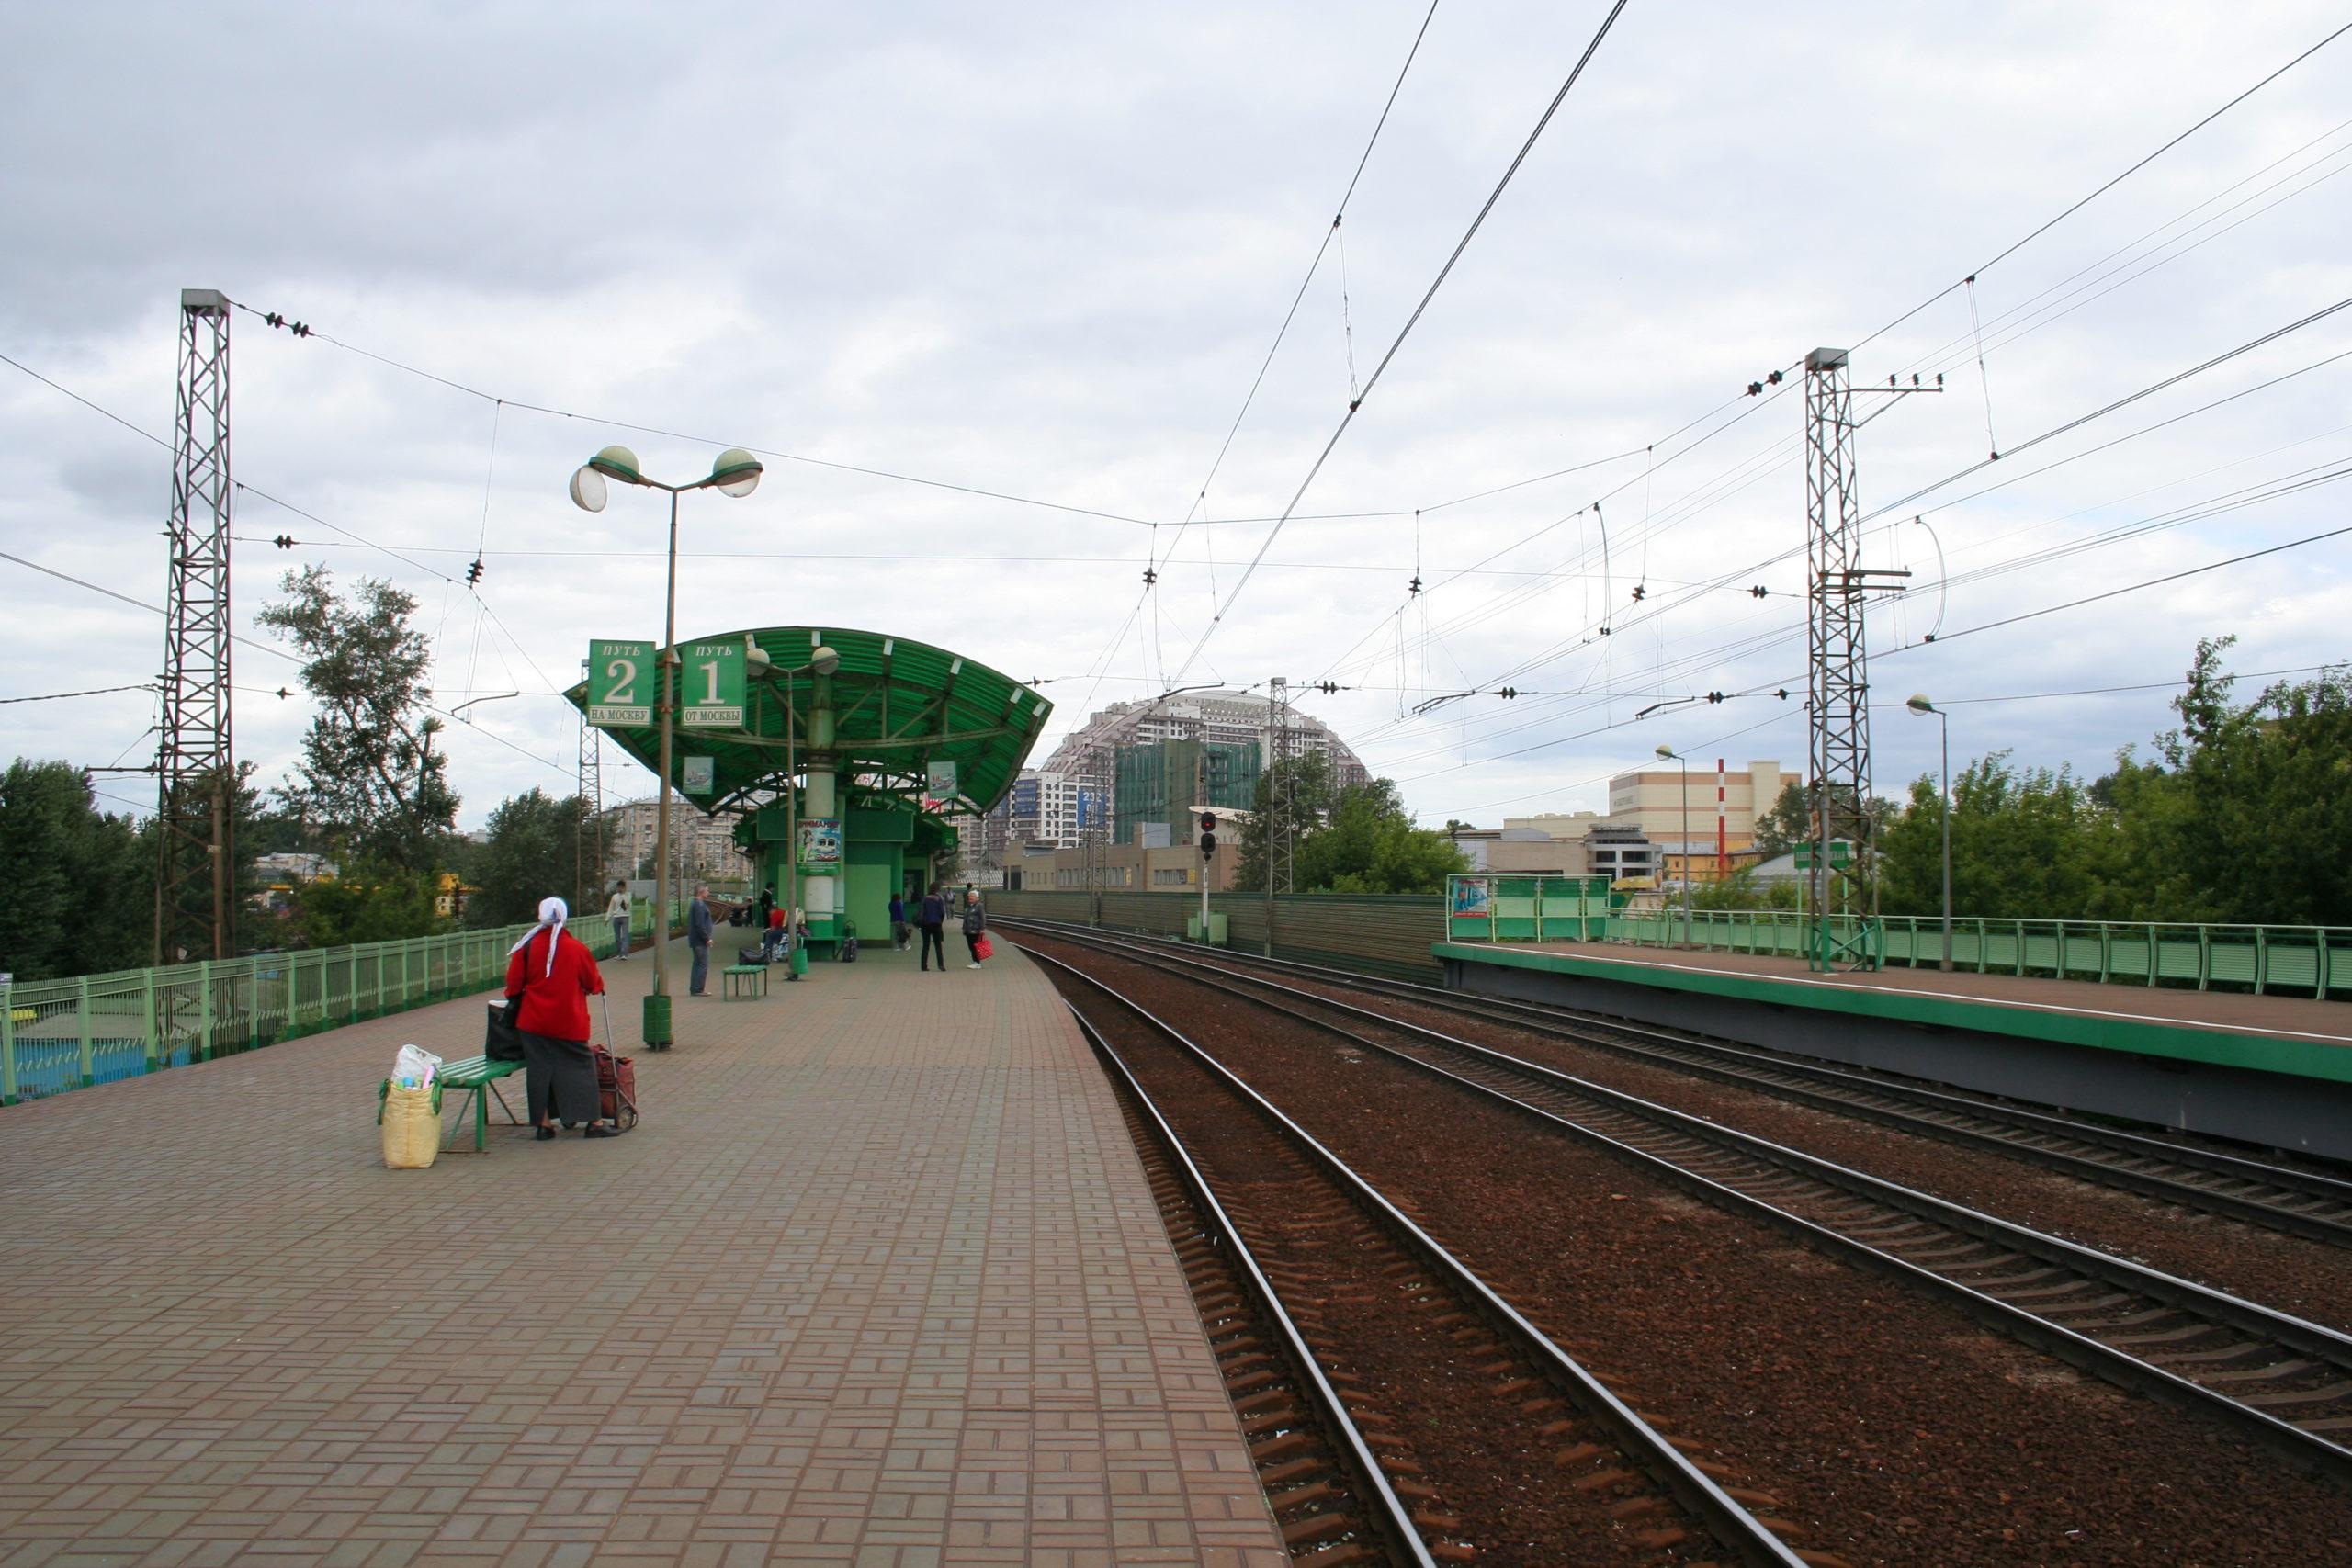 Фото 2 с точки продаж г. Москва 7-я Кожуховская ул., 9